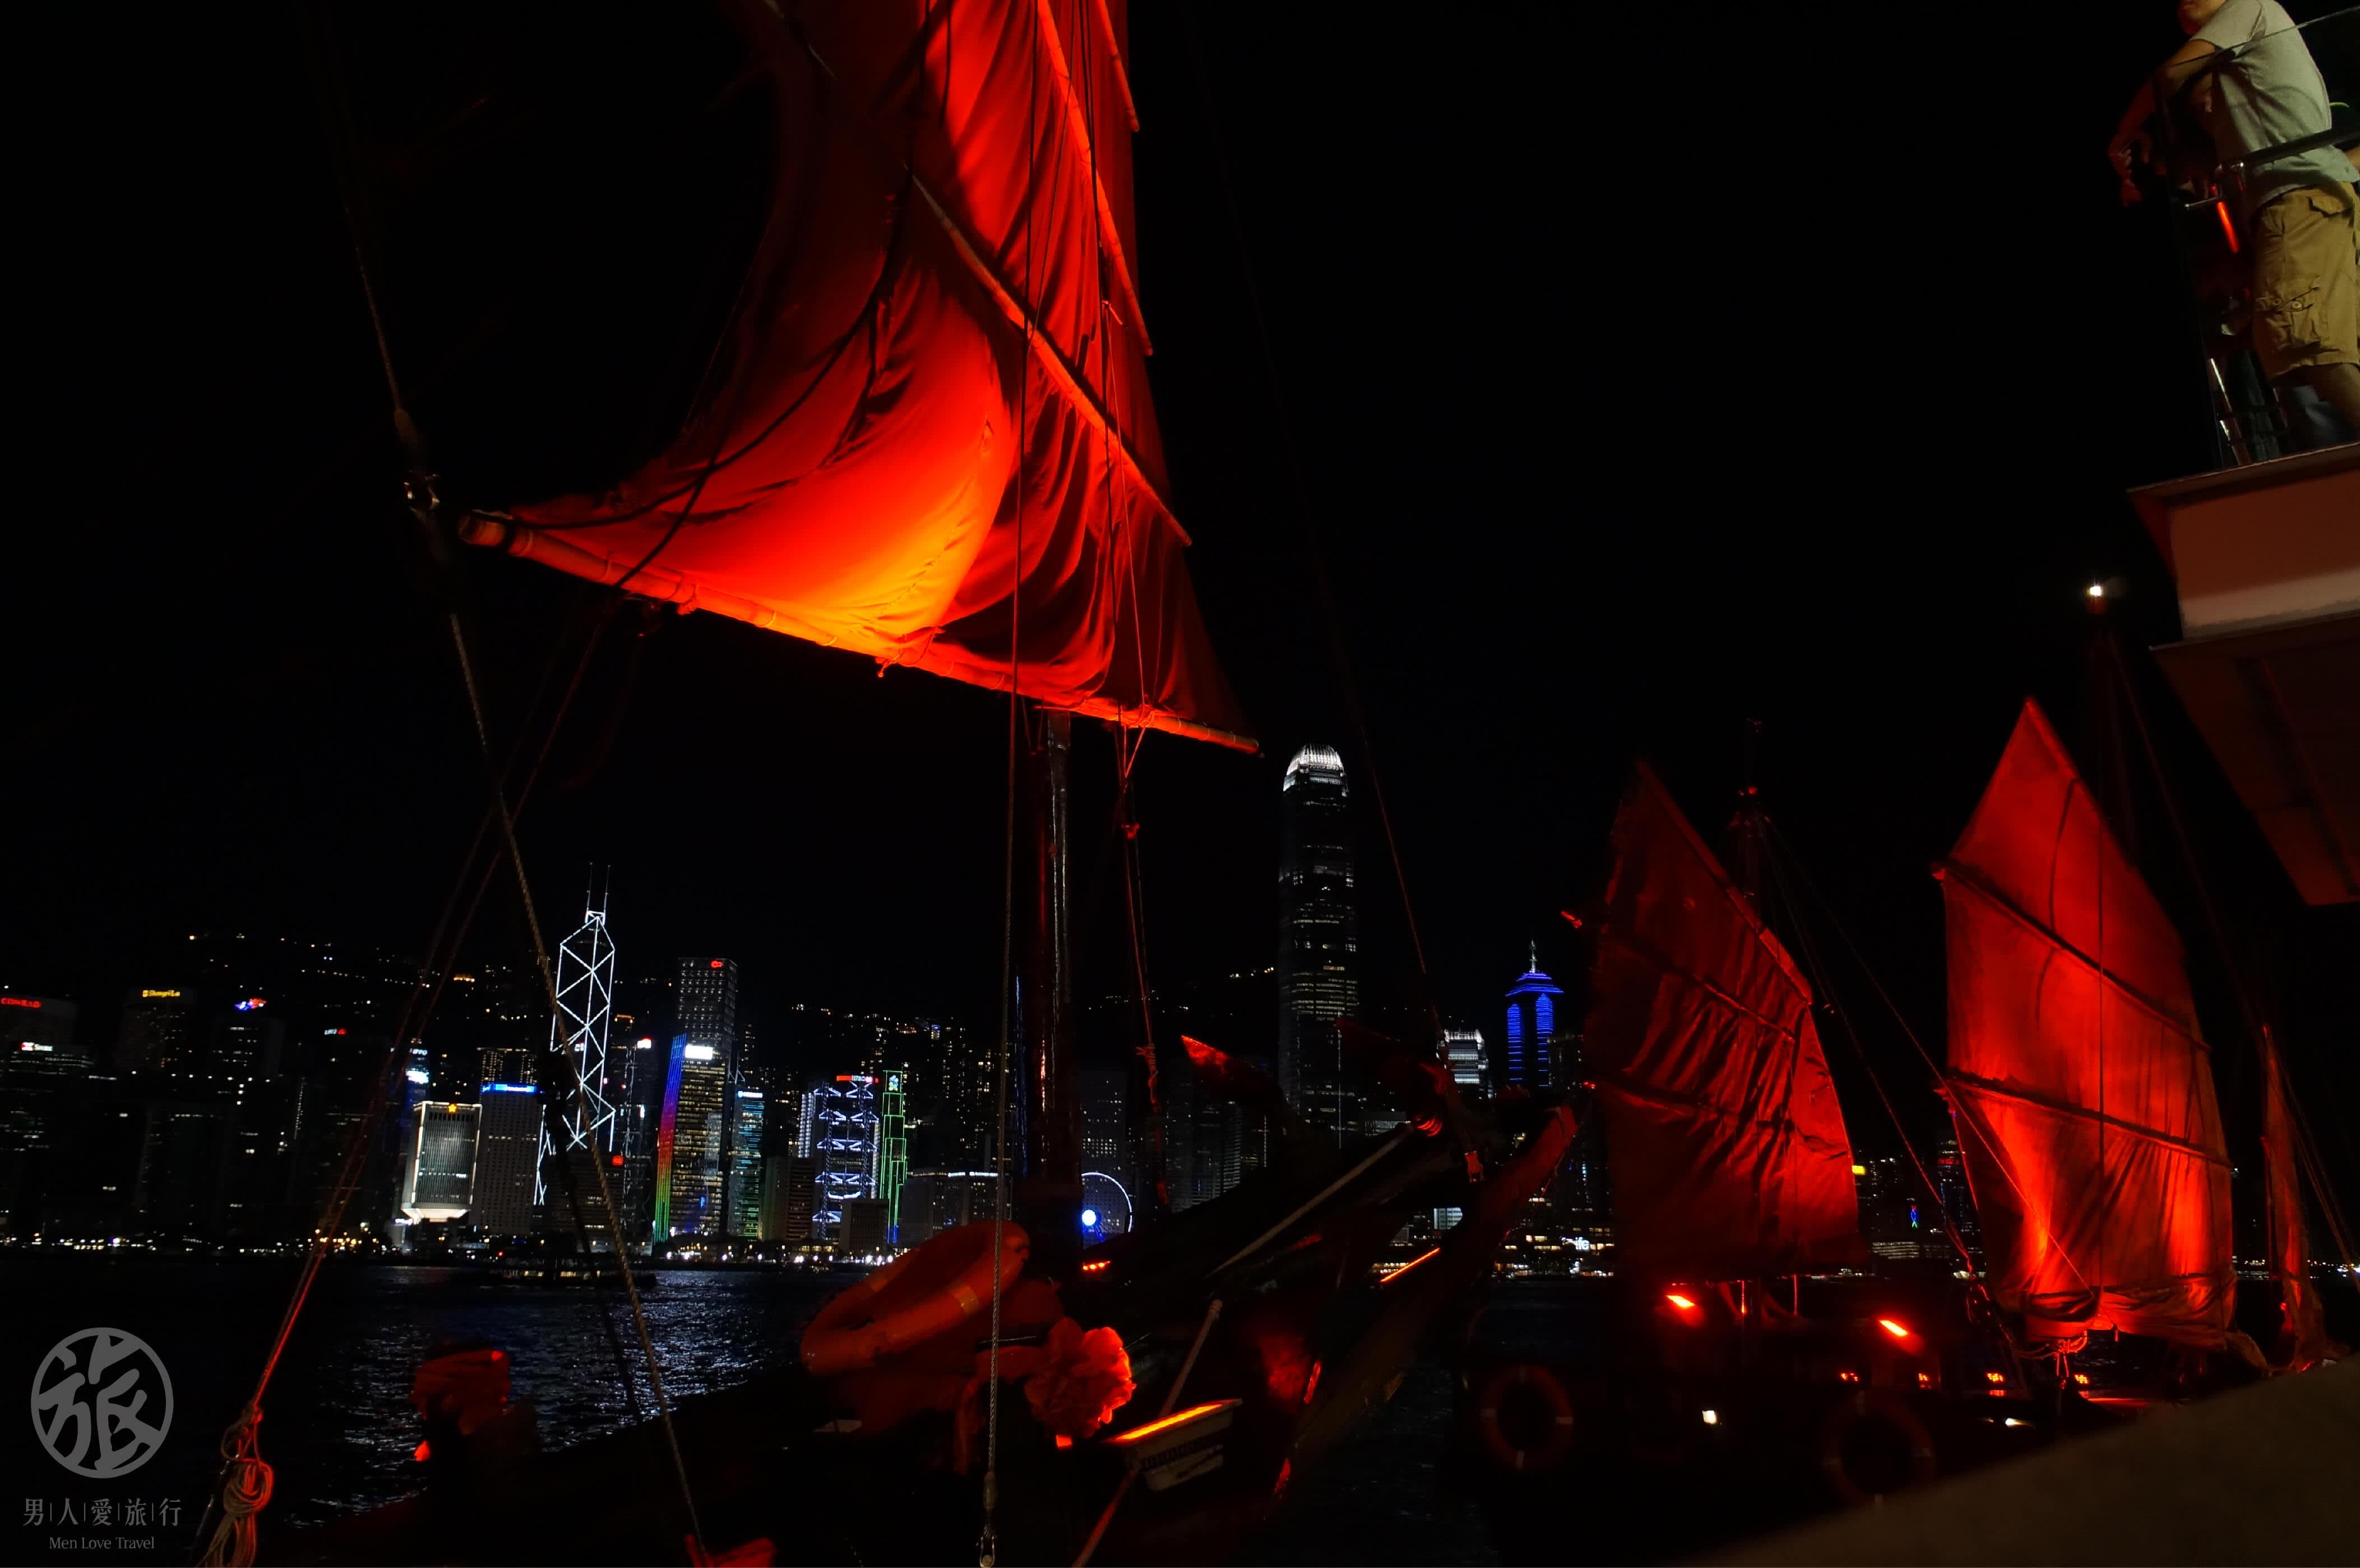 近 處 燈 光 暗 紅 、 古 藝 婉 約 與 夜晚維多莉亞港